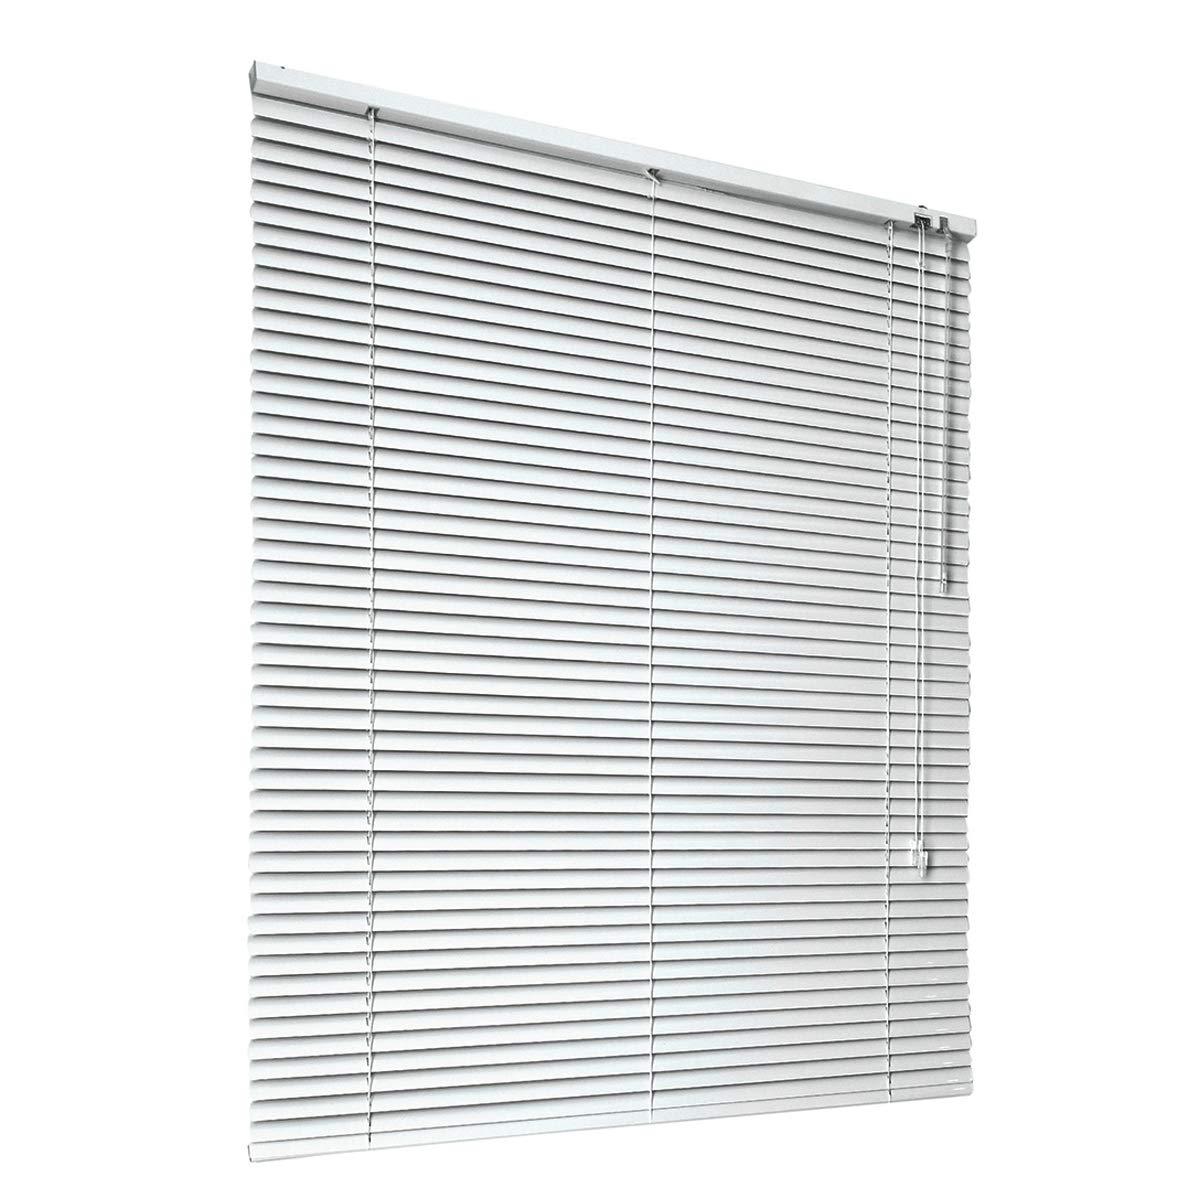 HSYLYM veneziane alluminio tenda oscurante glare protezione finestra decorazione ufficio arredo casa, Bianca, 60x130cm